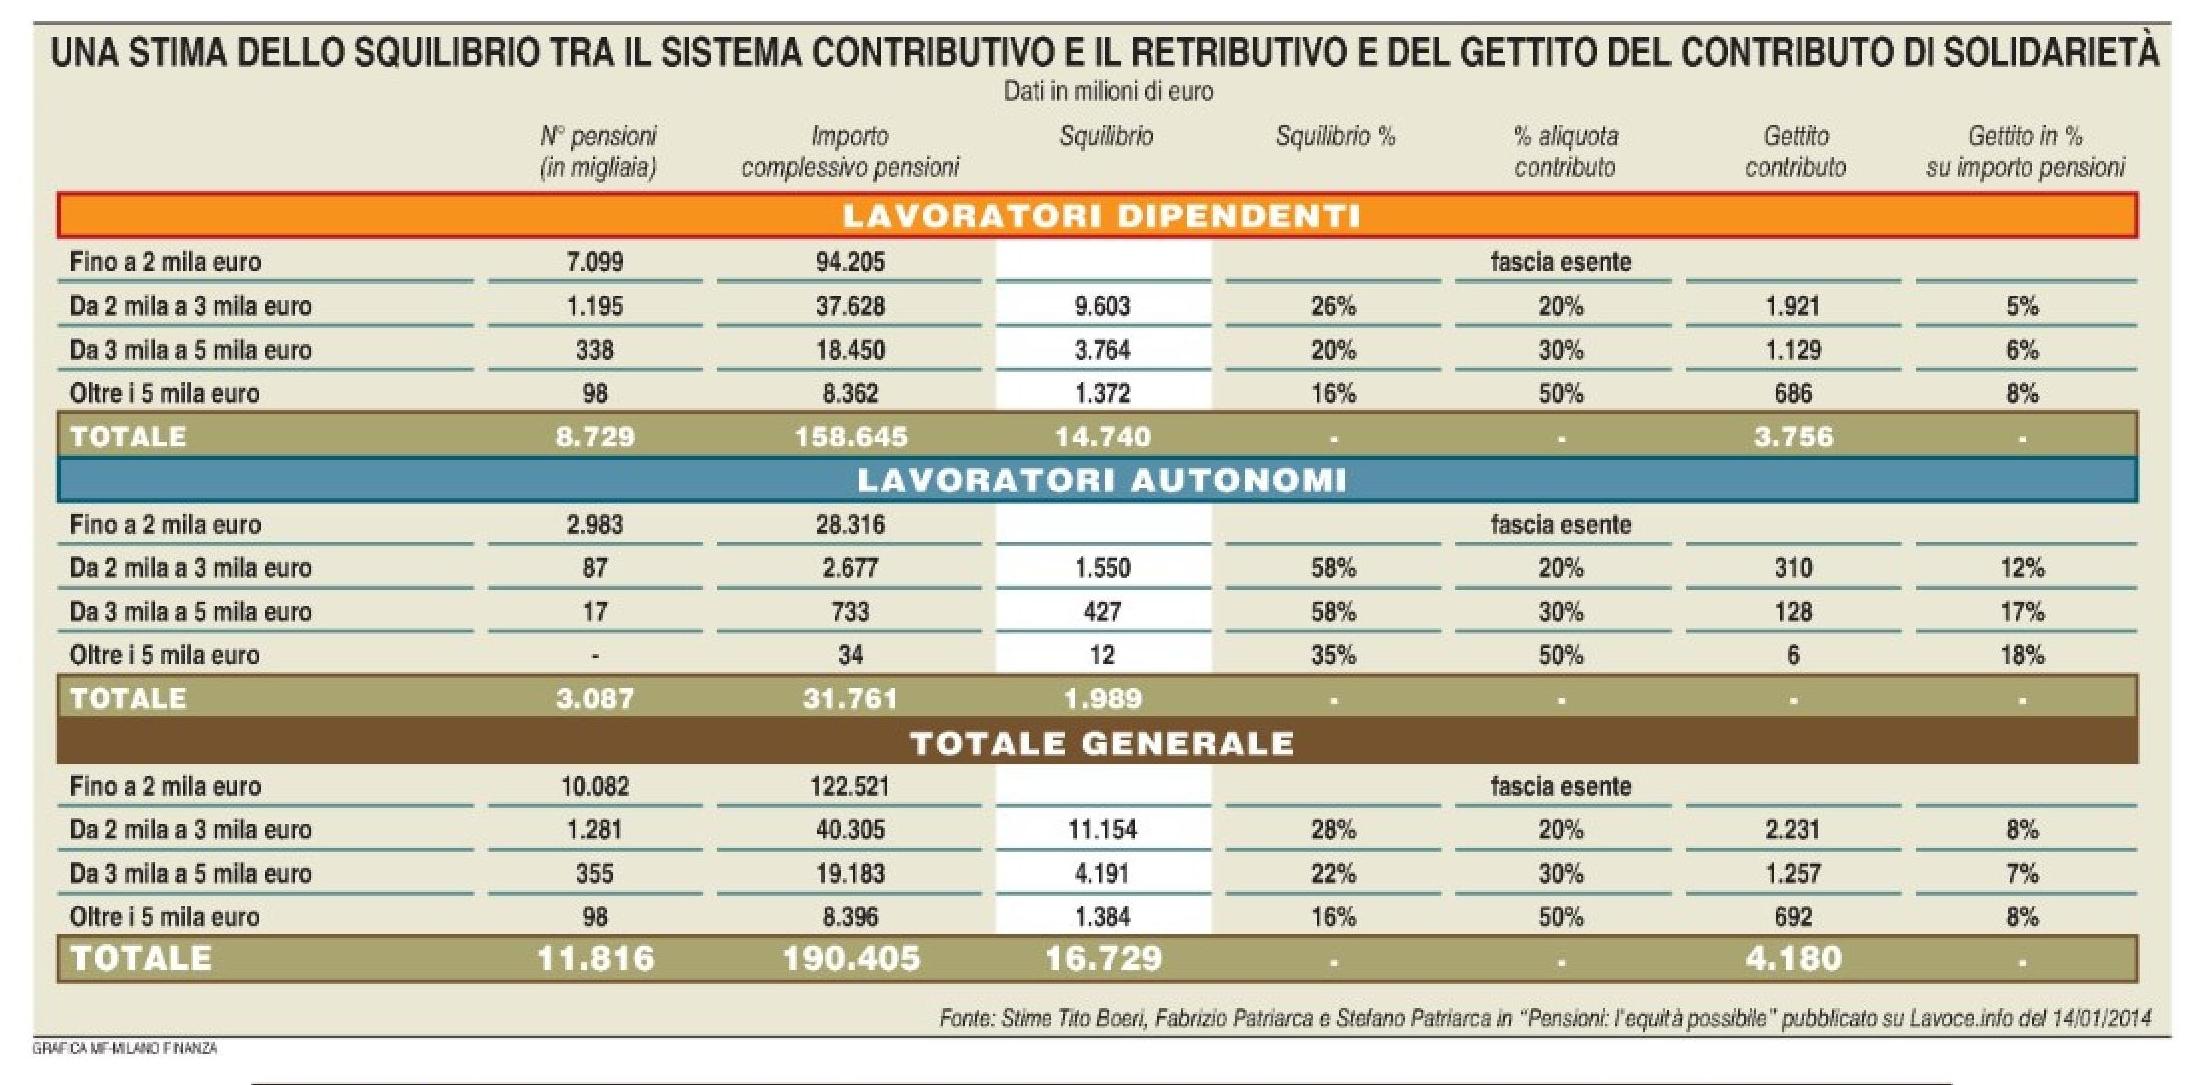 Pensioni - Squilibrio retributivo-contributivo (Milano Finanza 30.05.2015) Imc